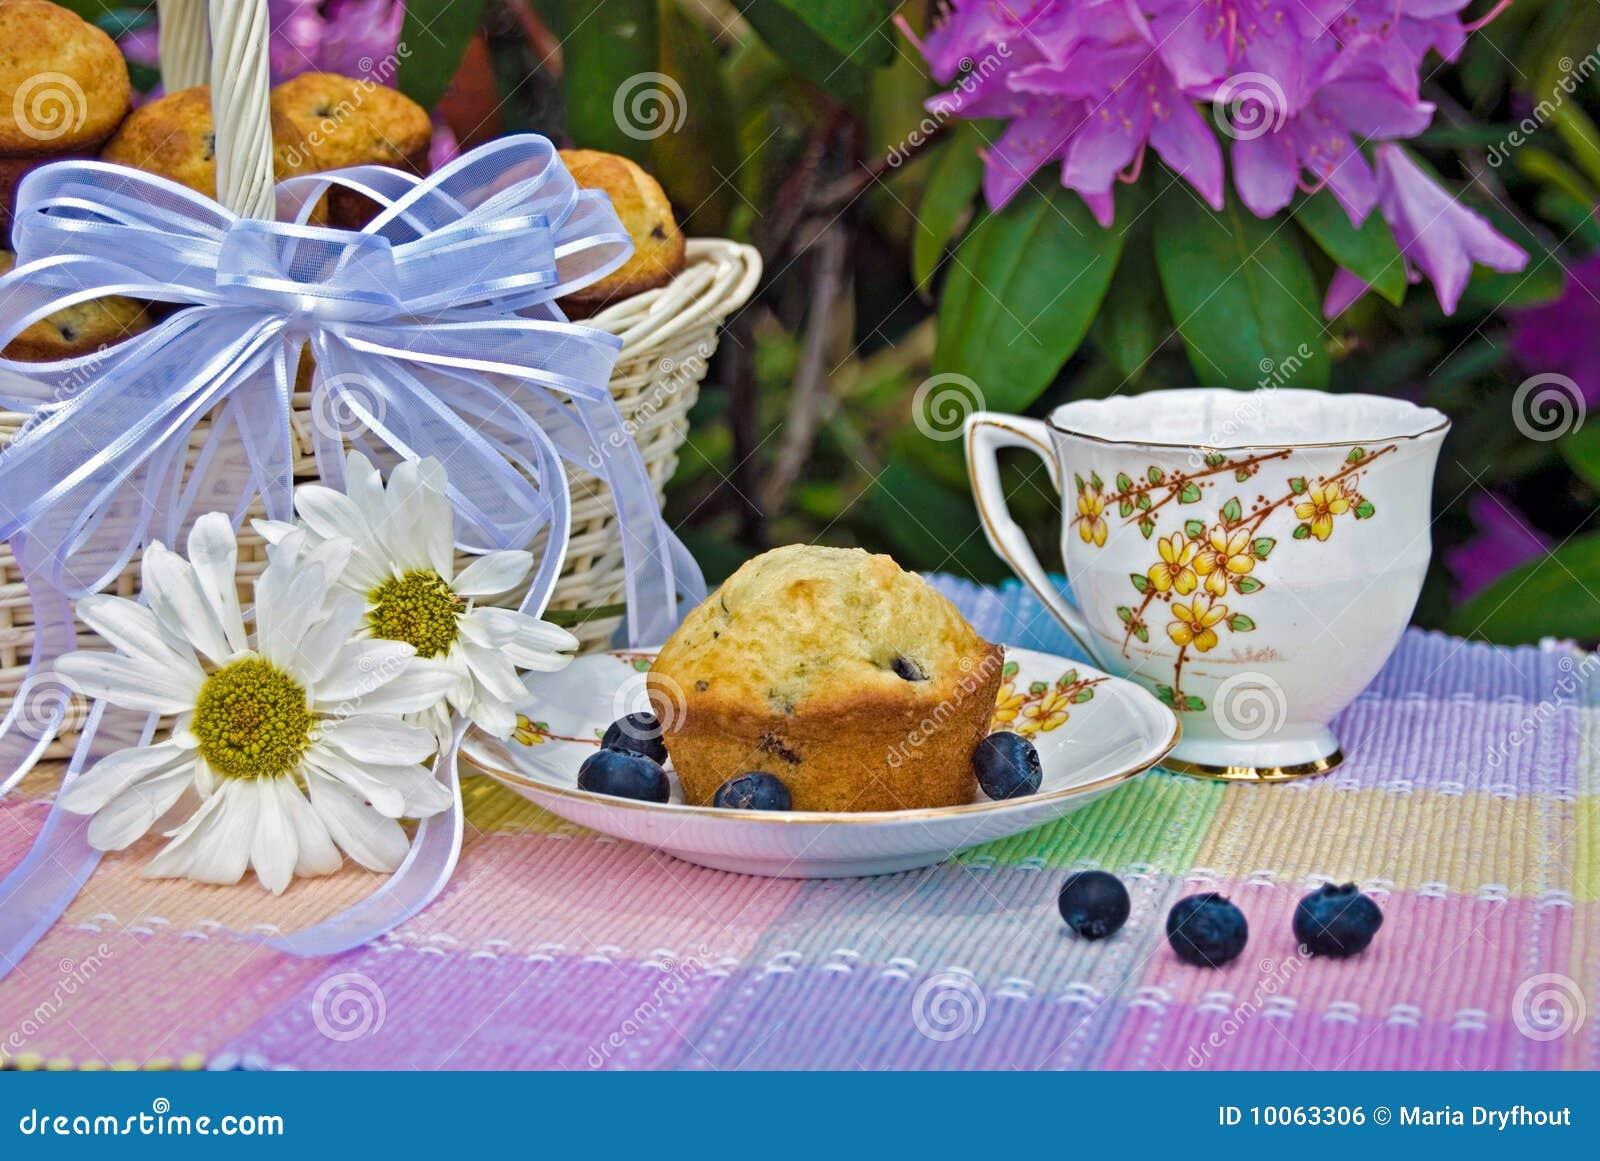 Partido de chá da tarde